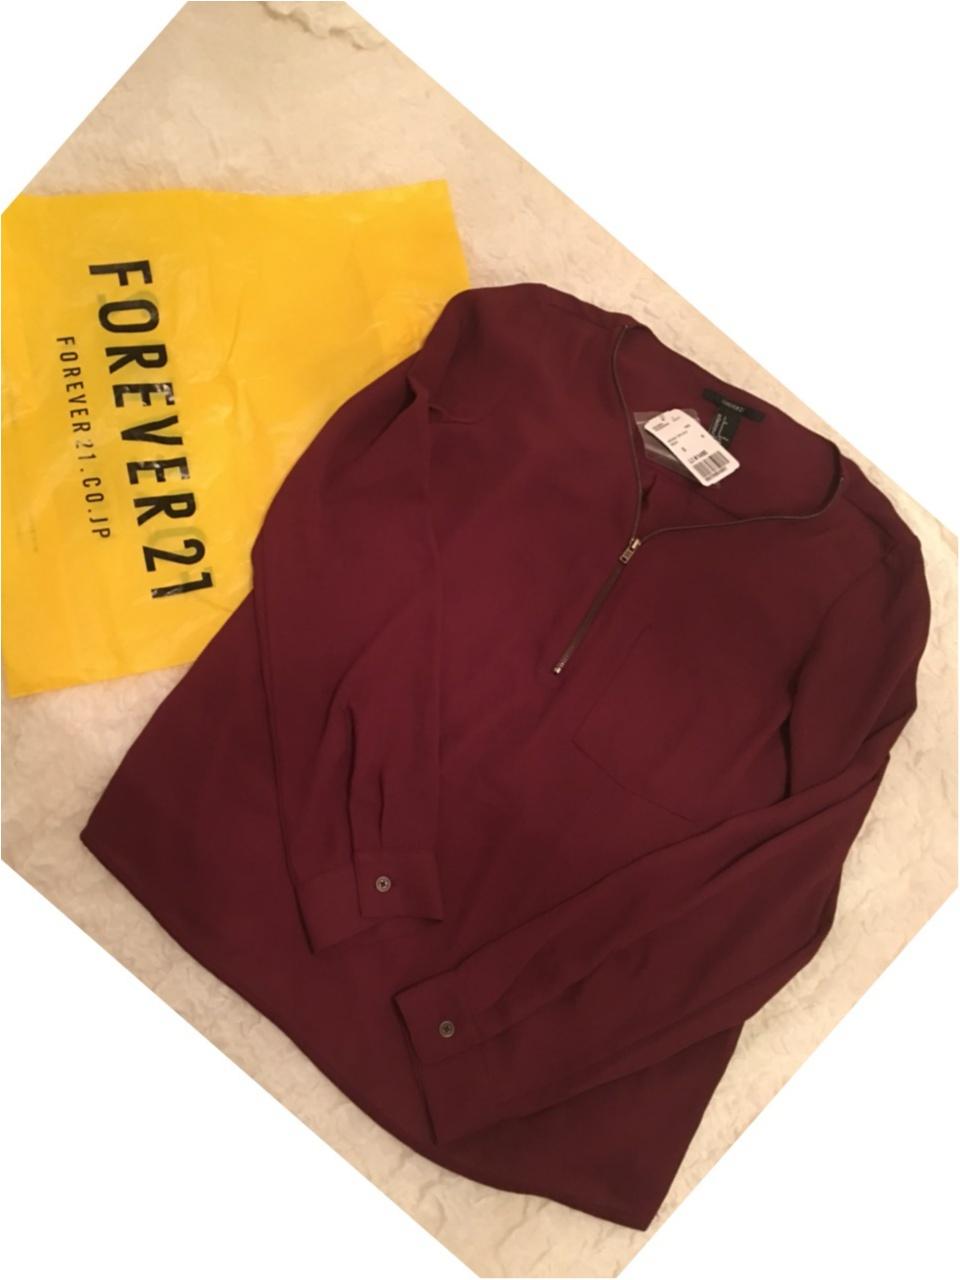 ♡プチプラファッション【forever21】トップスが599円に(°_°)♡モアハピ◡̈のぞみ♡_4